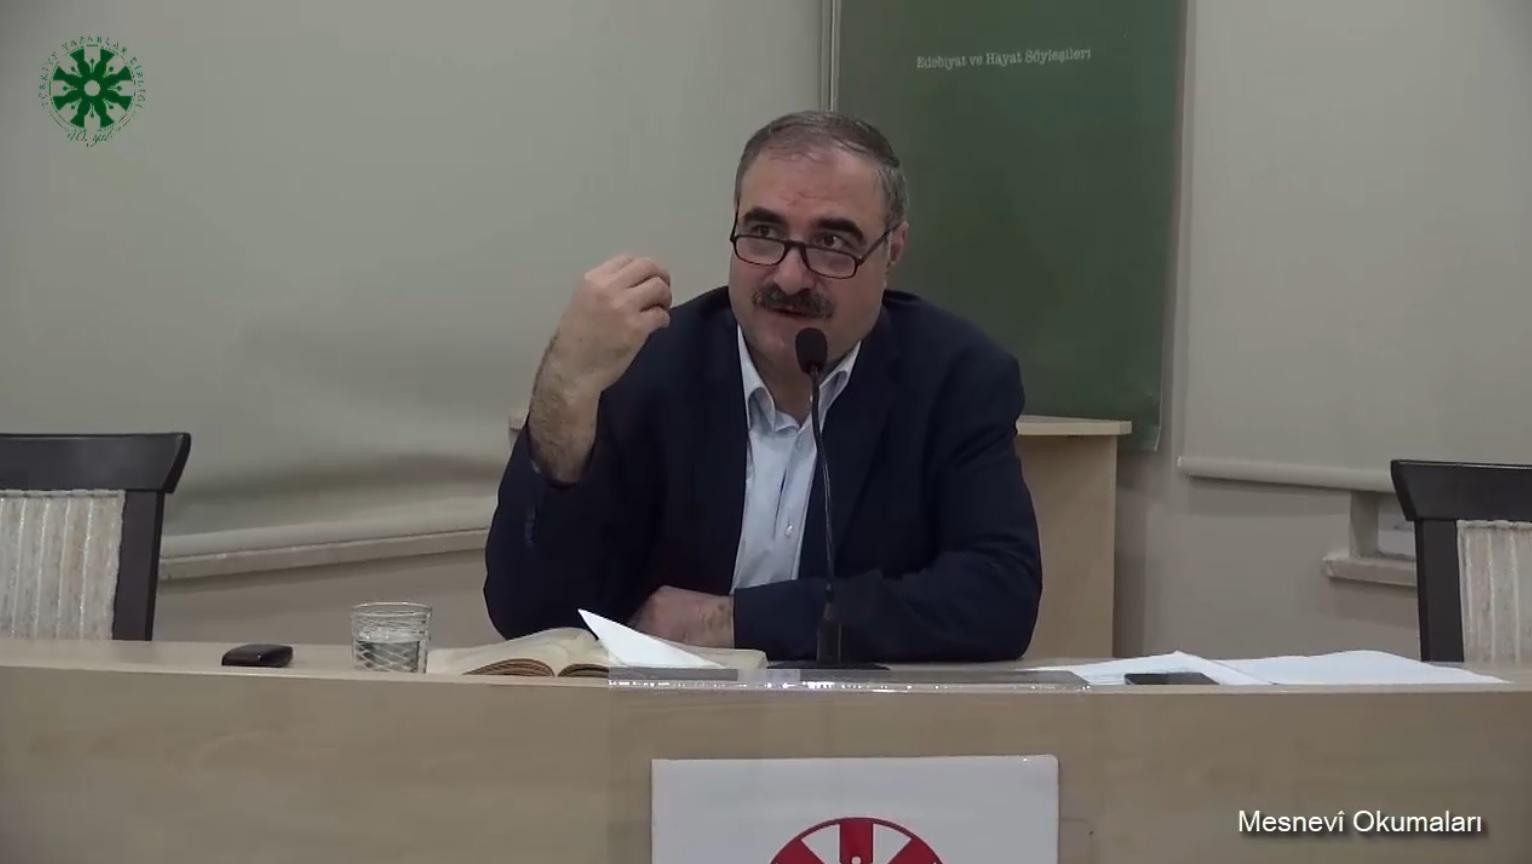 Mesnevî Okumaları - 9 - Dr. Yakup Şafak (video)